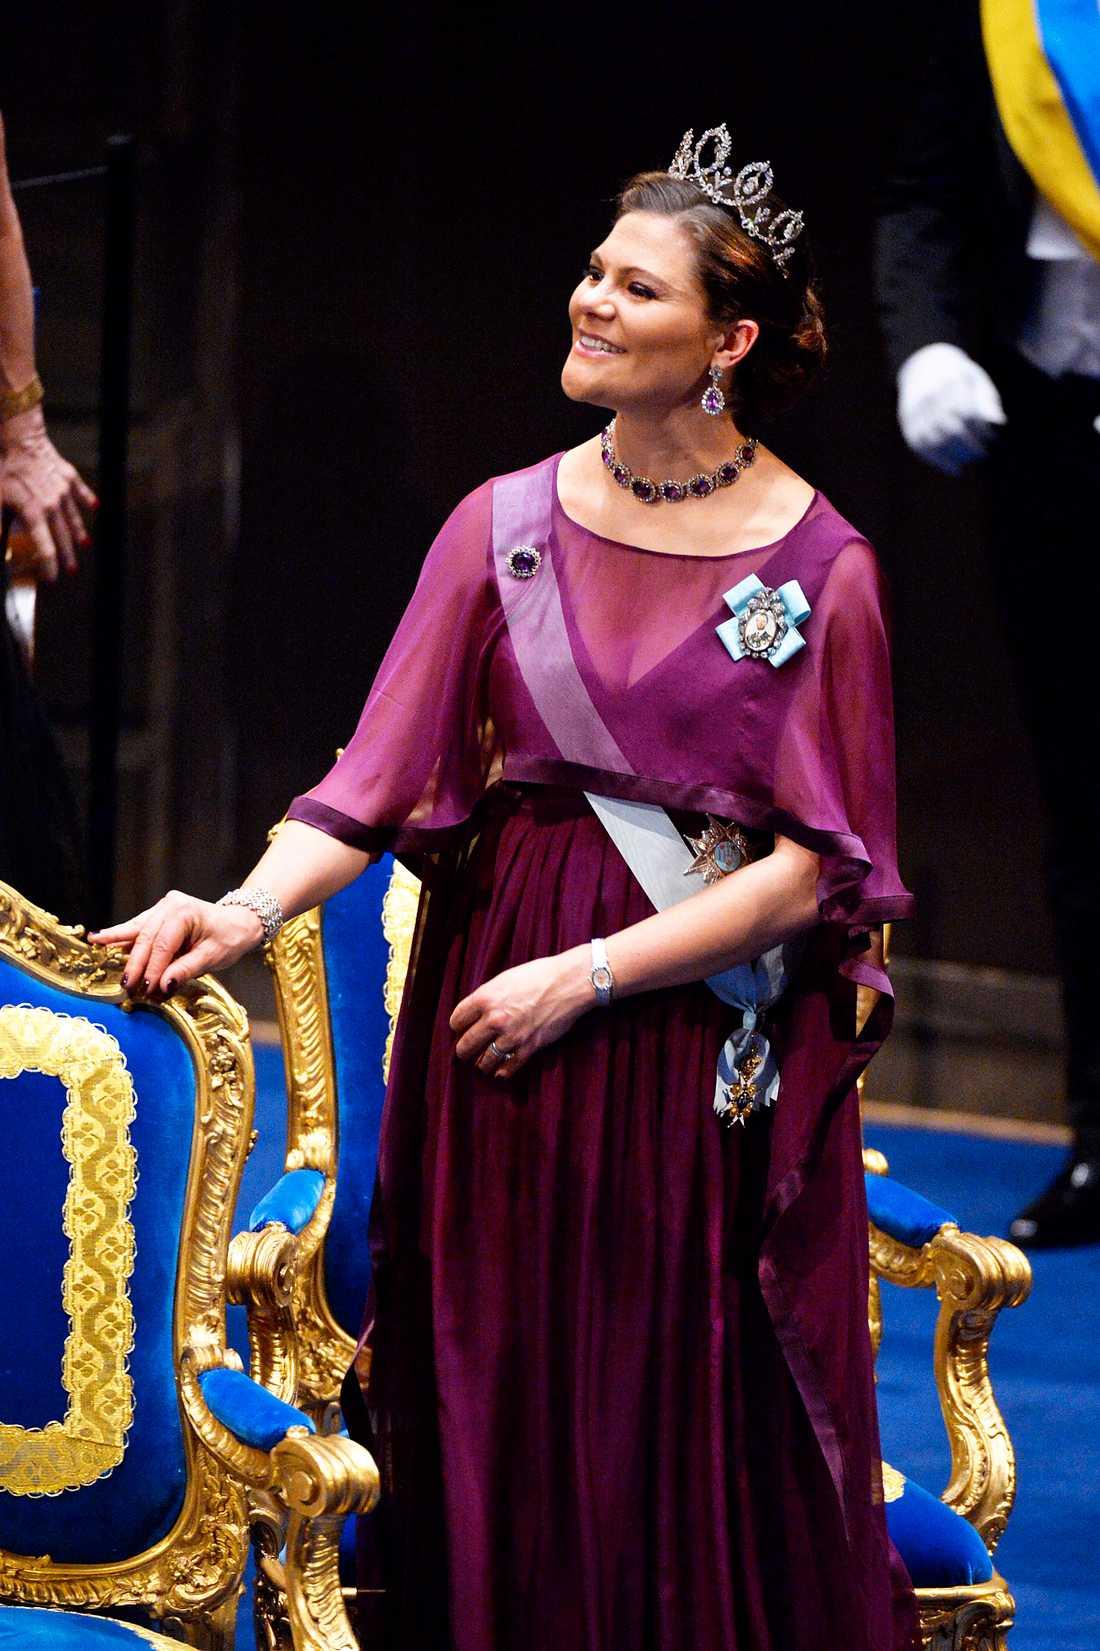 Kronprinsessan Victoria  vid nobelprisutdelningen i Konserthuset i Stockholm på torsdagen.